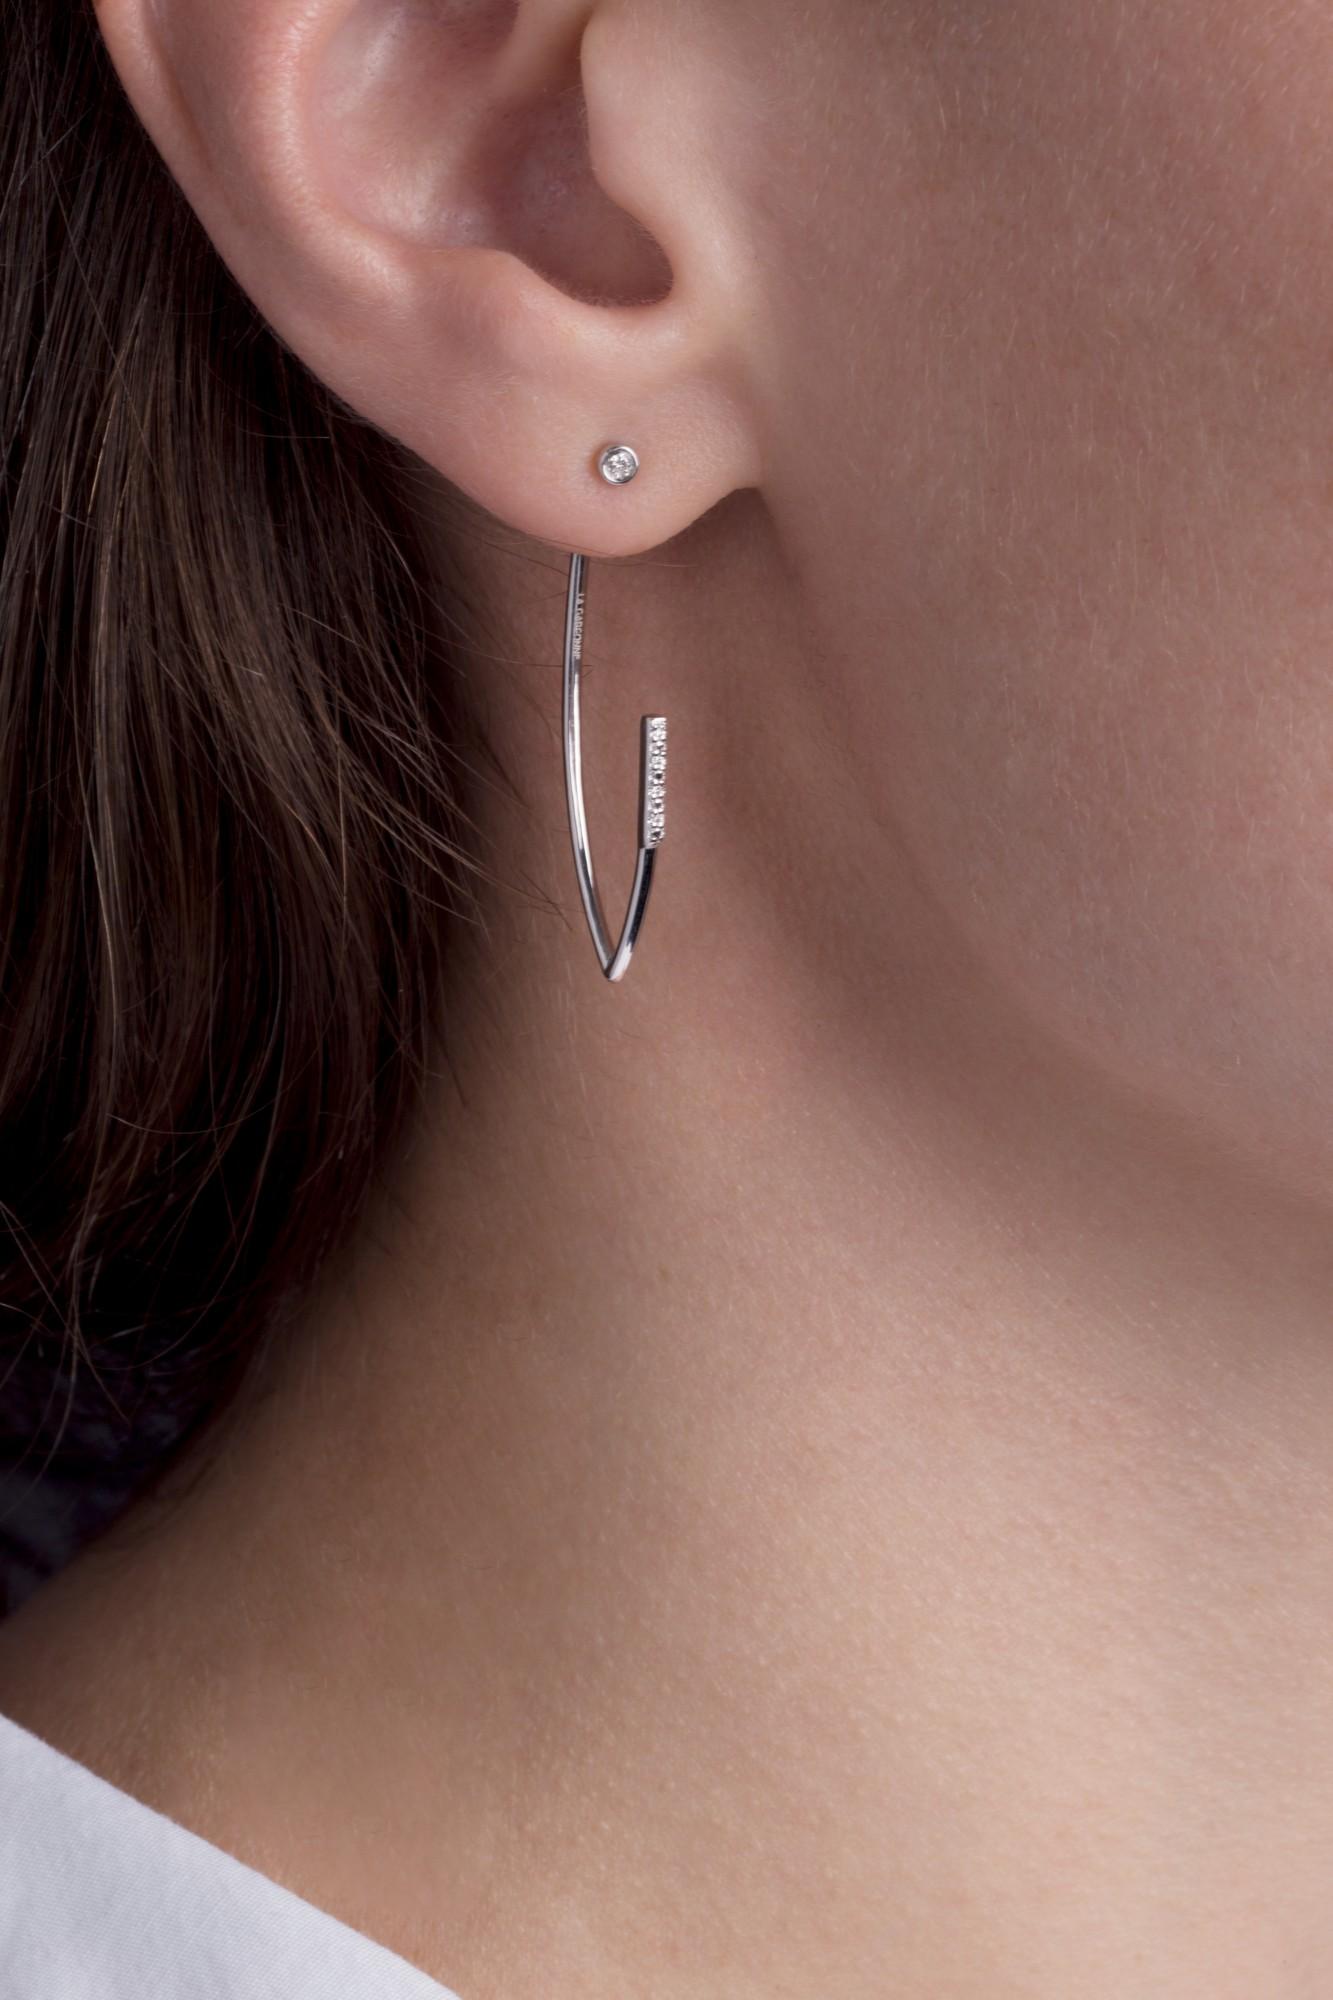 Boucles d'oreilles argent 925 millièmes rhodié Femme La Garçonne Diamant